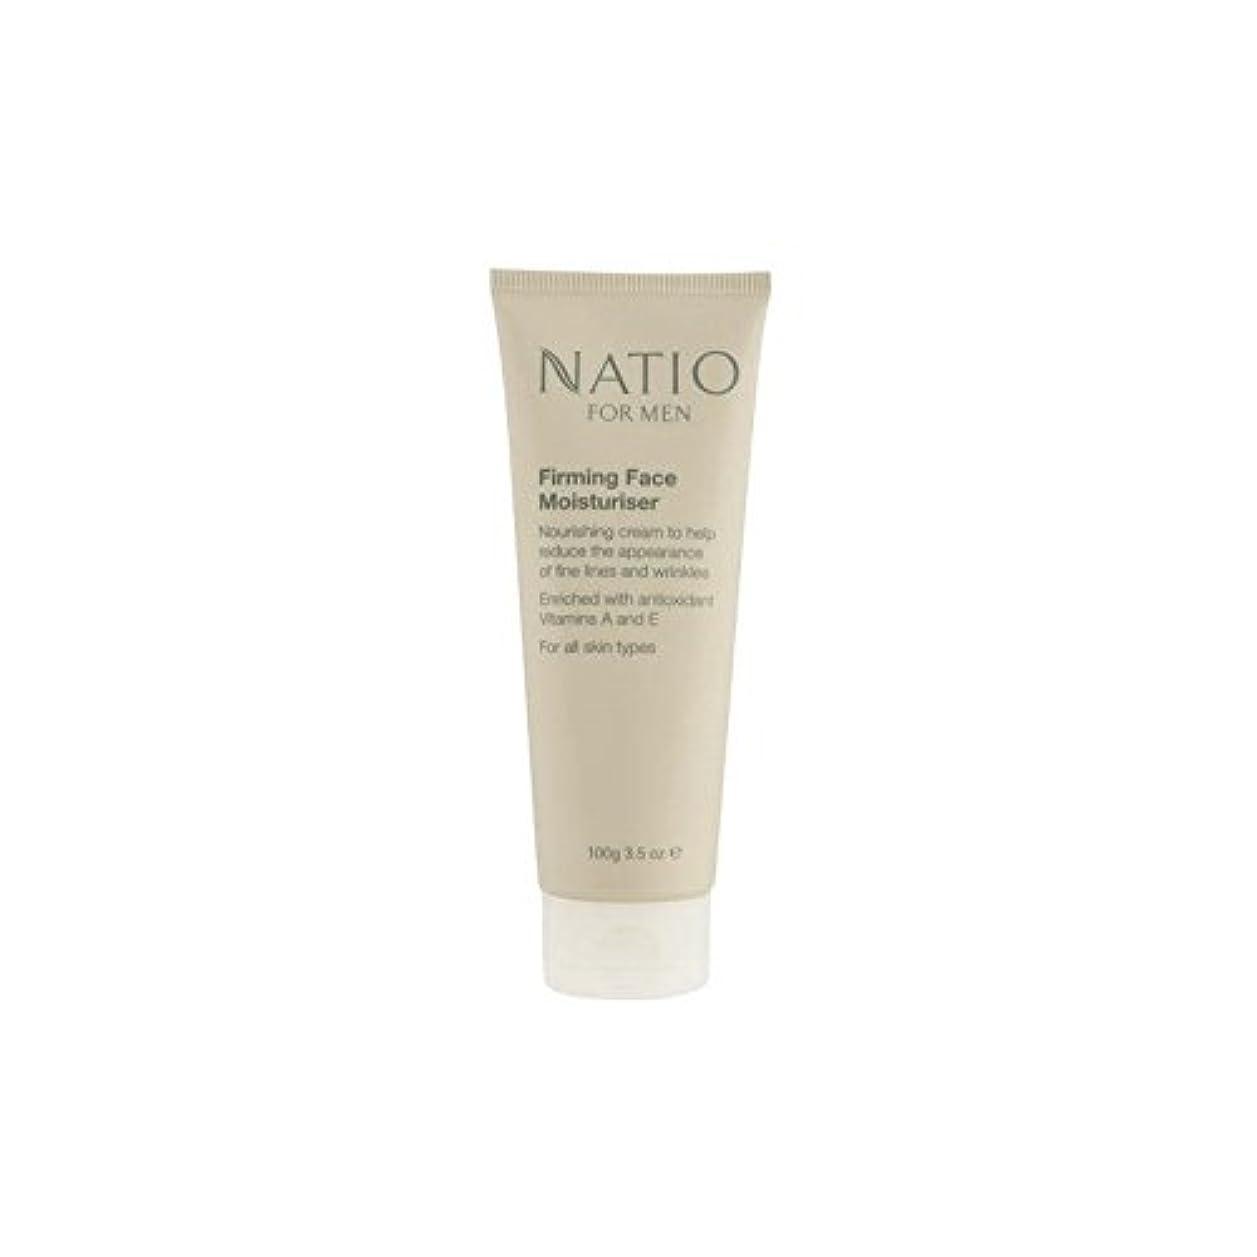 節約もつれ繊毛Natio For Men Firming Face Moisturiser (100G) - 顔の保湿剤を引き締め男性のための(100グラム) [並行輸入品]